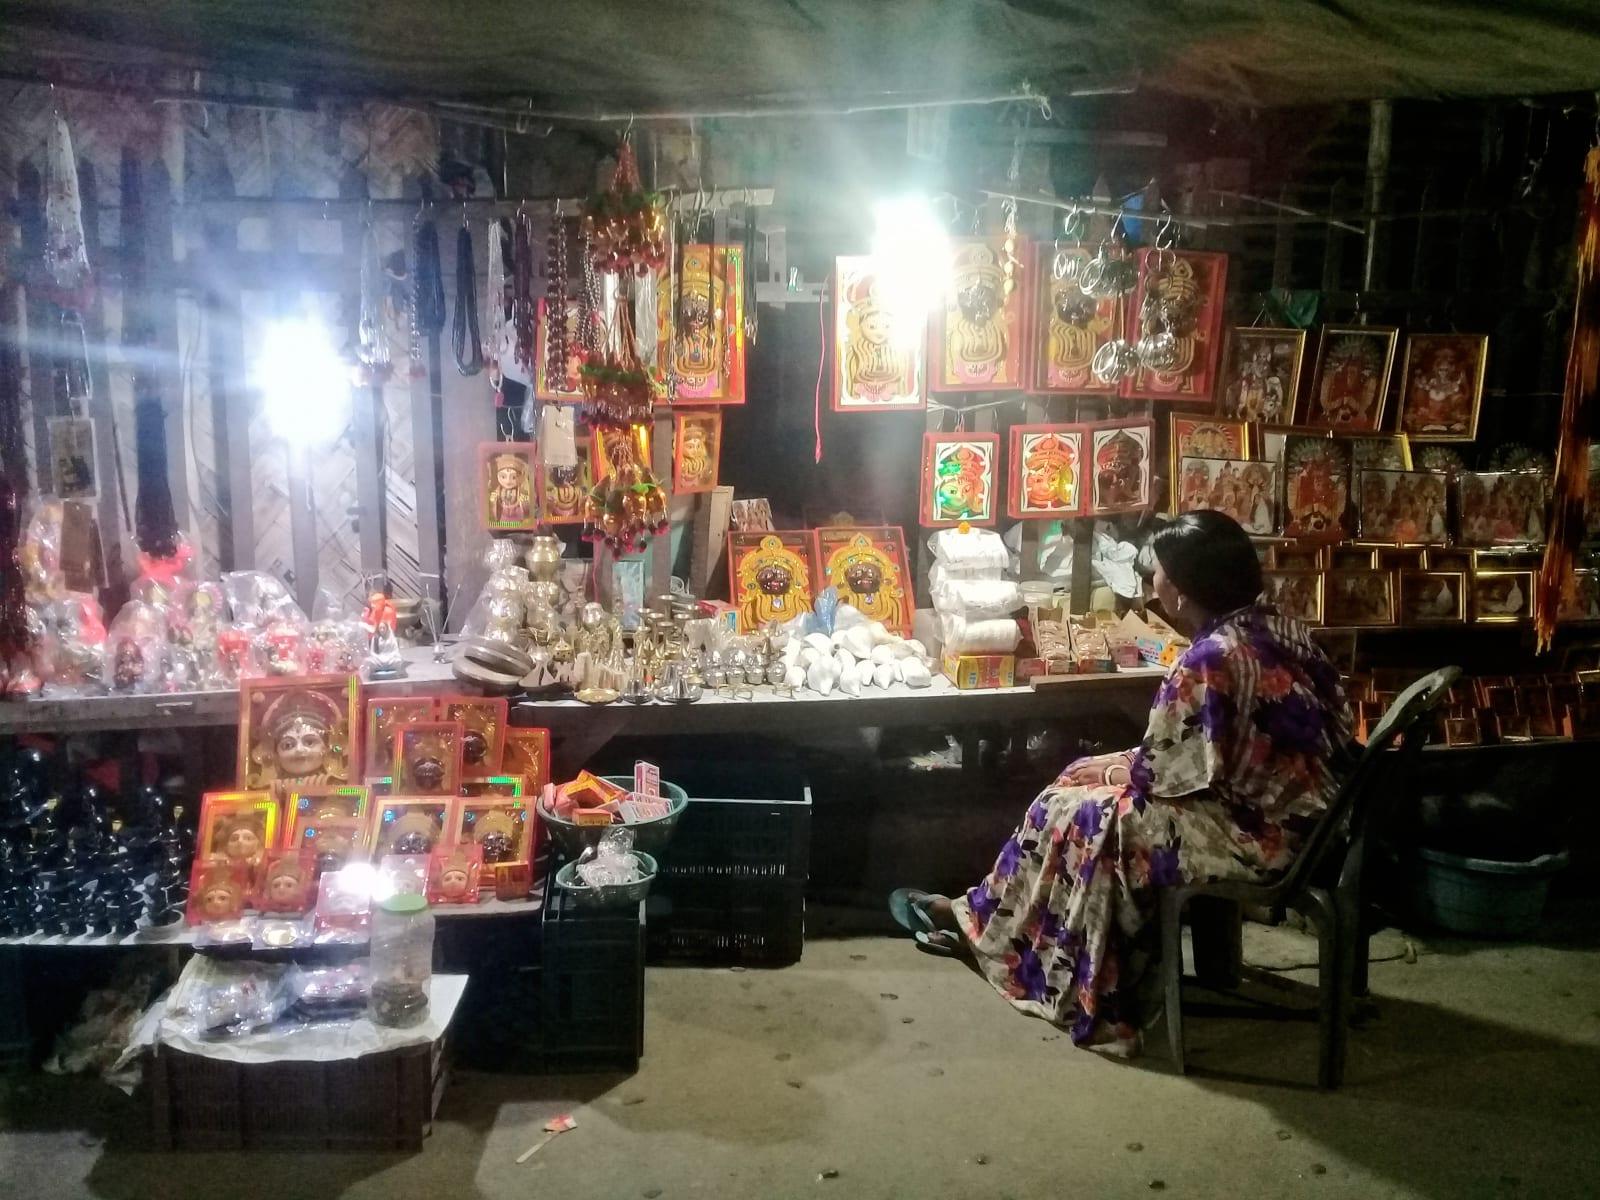 Prodej náboženských předmětů u jednoho z chrámů, Kalkata